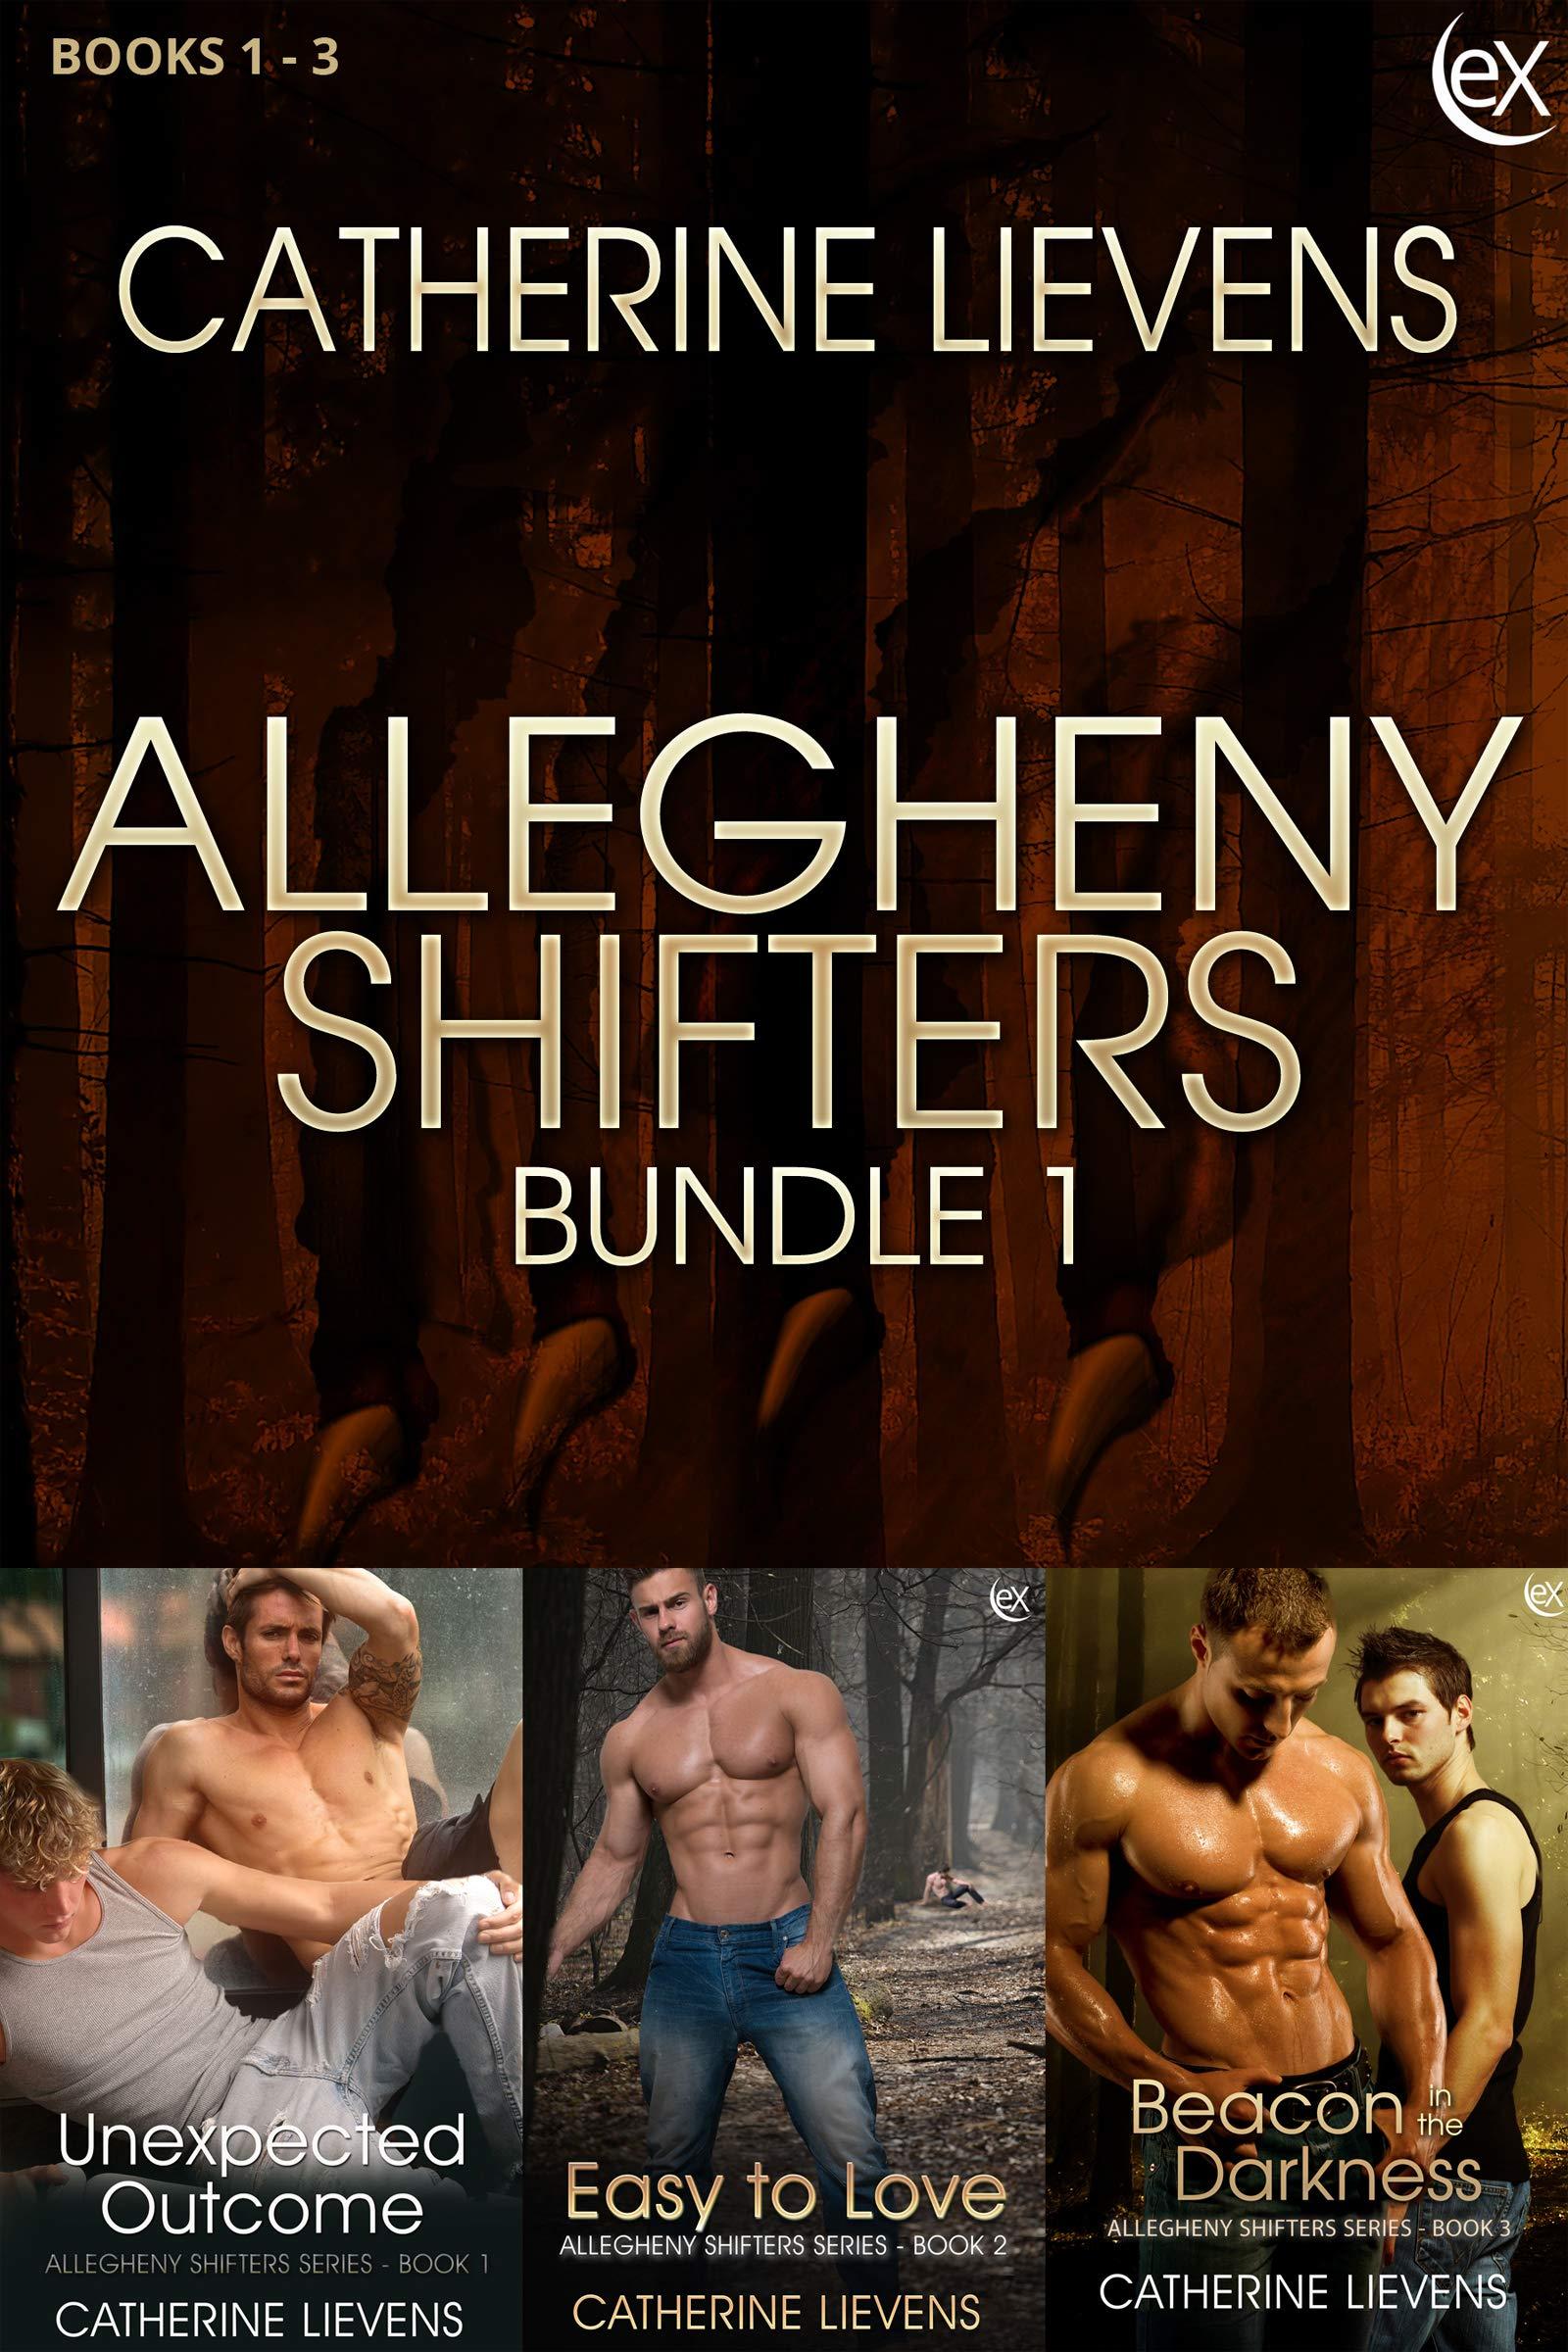 Allegheny Shifters Bundle 1